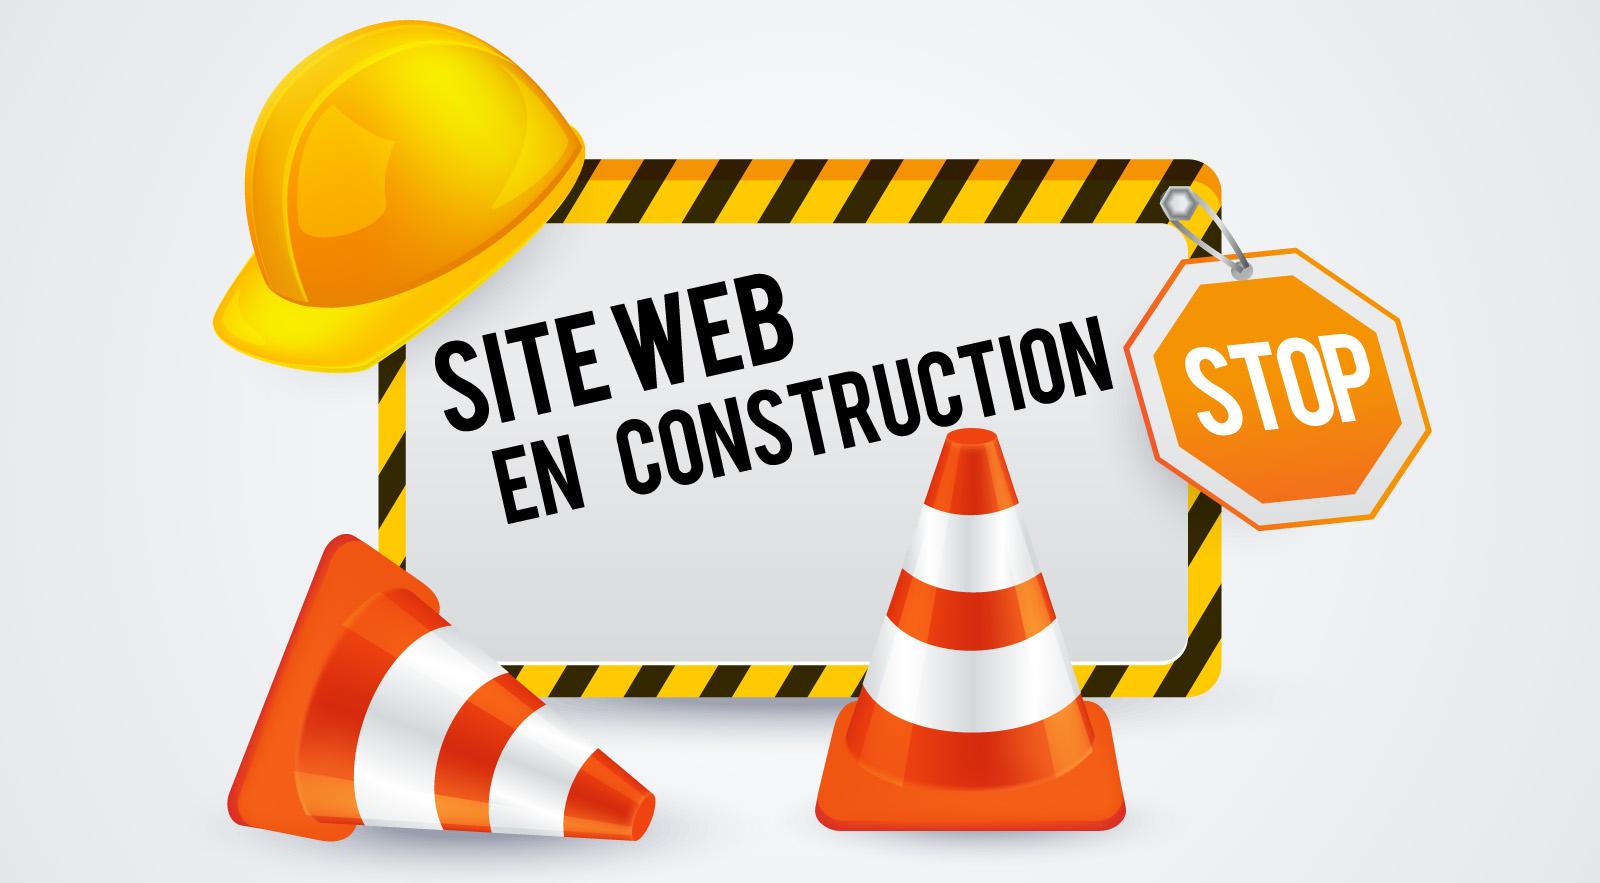 site en construction